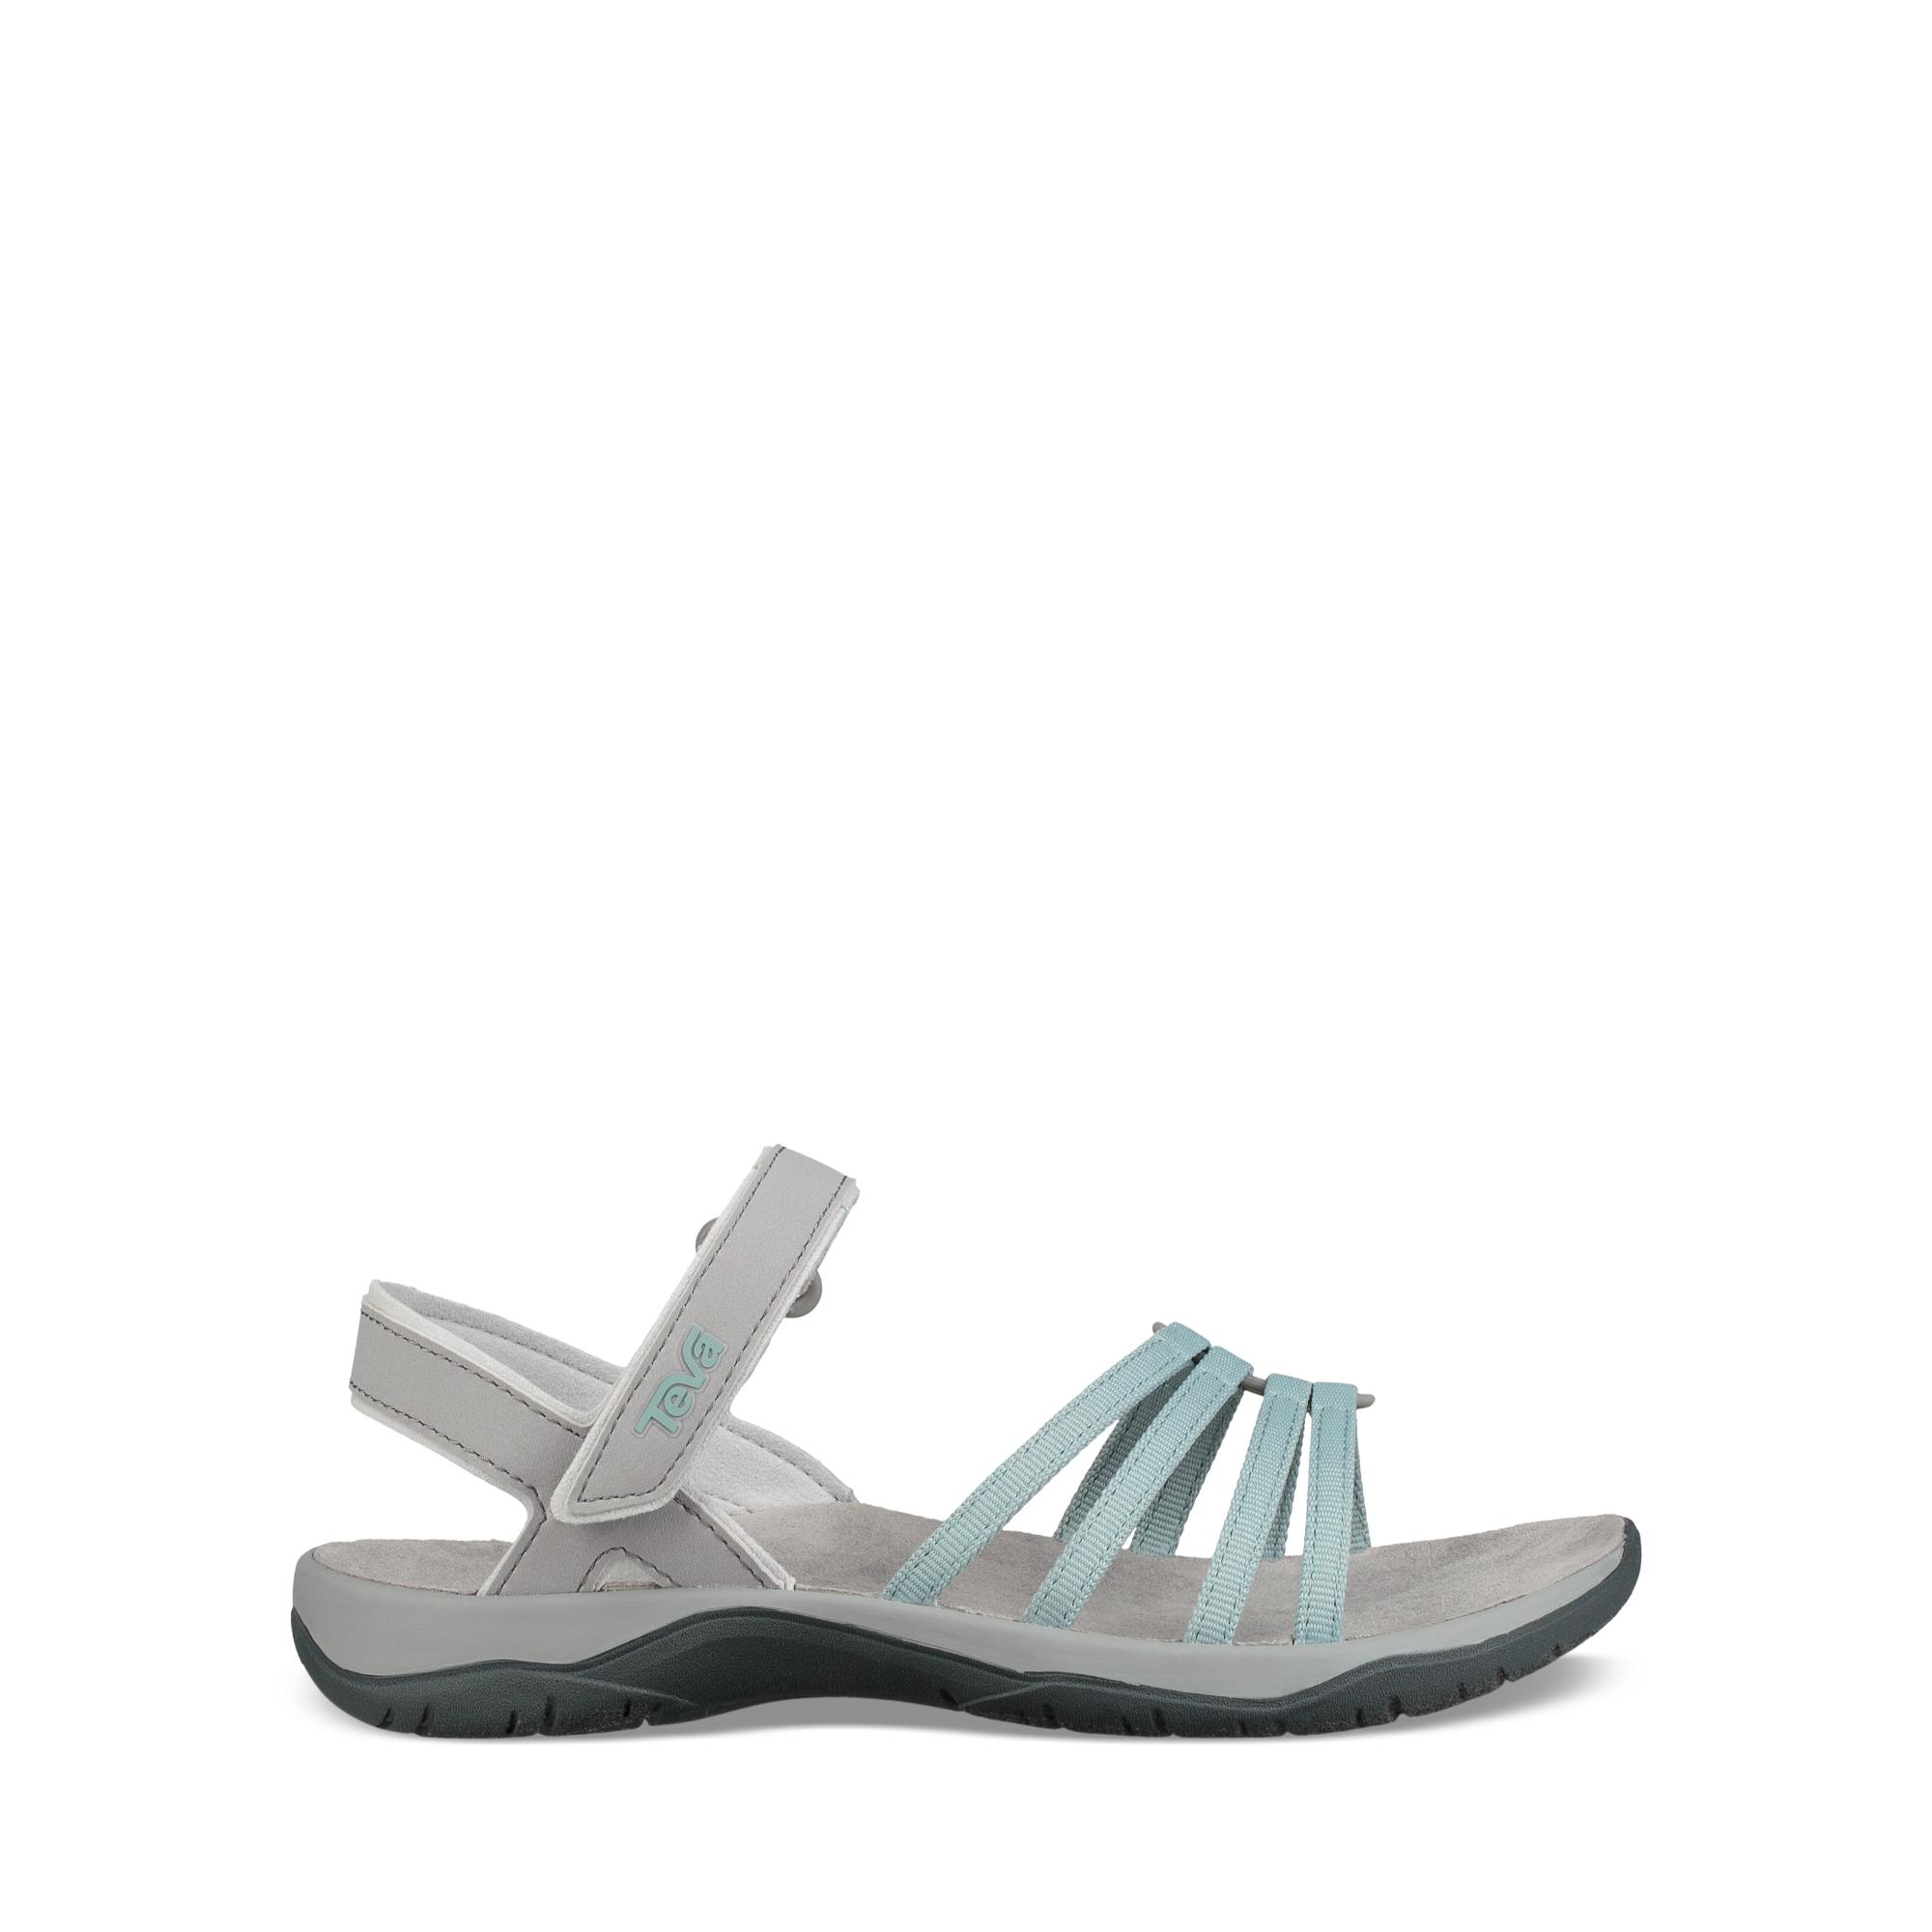 Teva Elzada Sandal - Sandal til dame - Grå | Running shoes